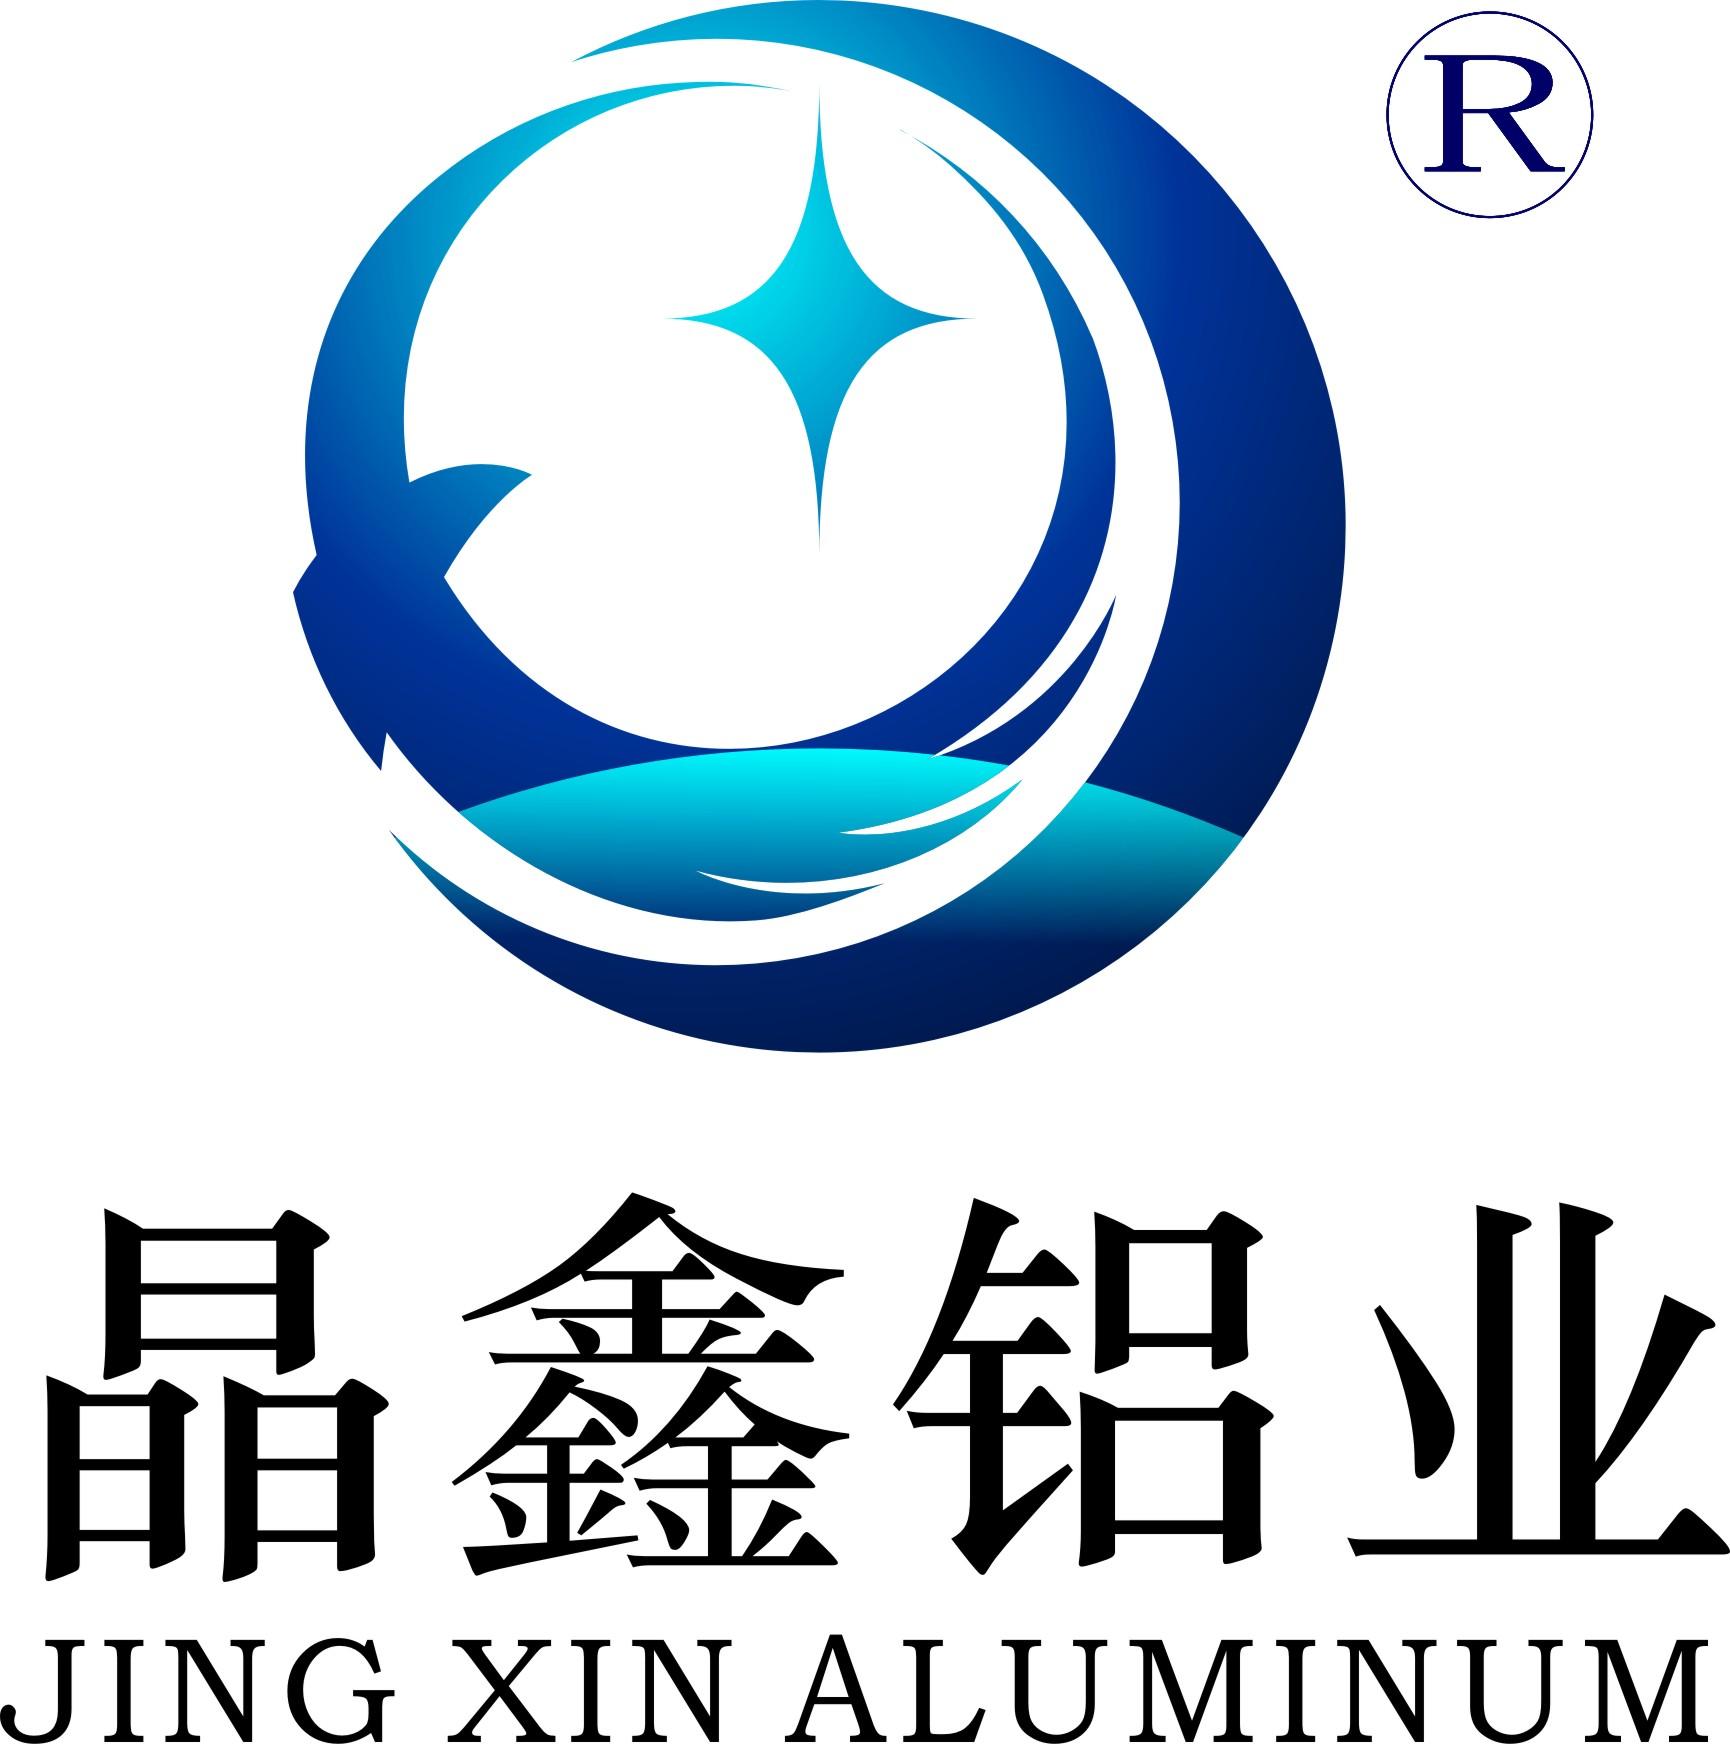 唐山晶鑫玻璃制品有限公司最新招聘信息